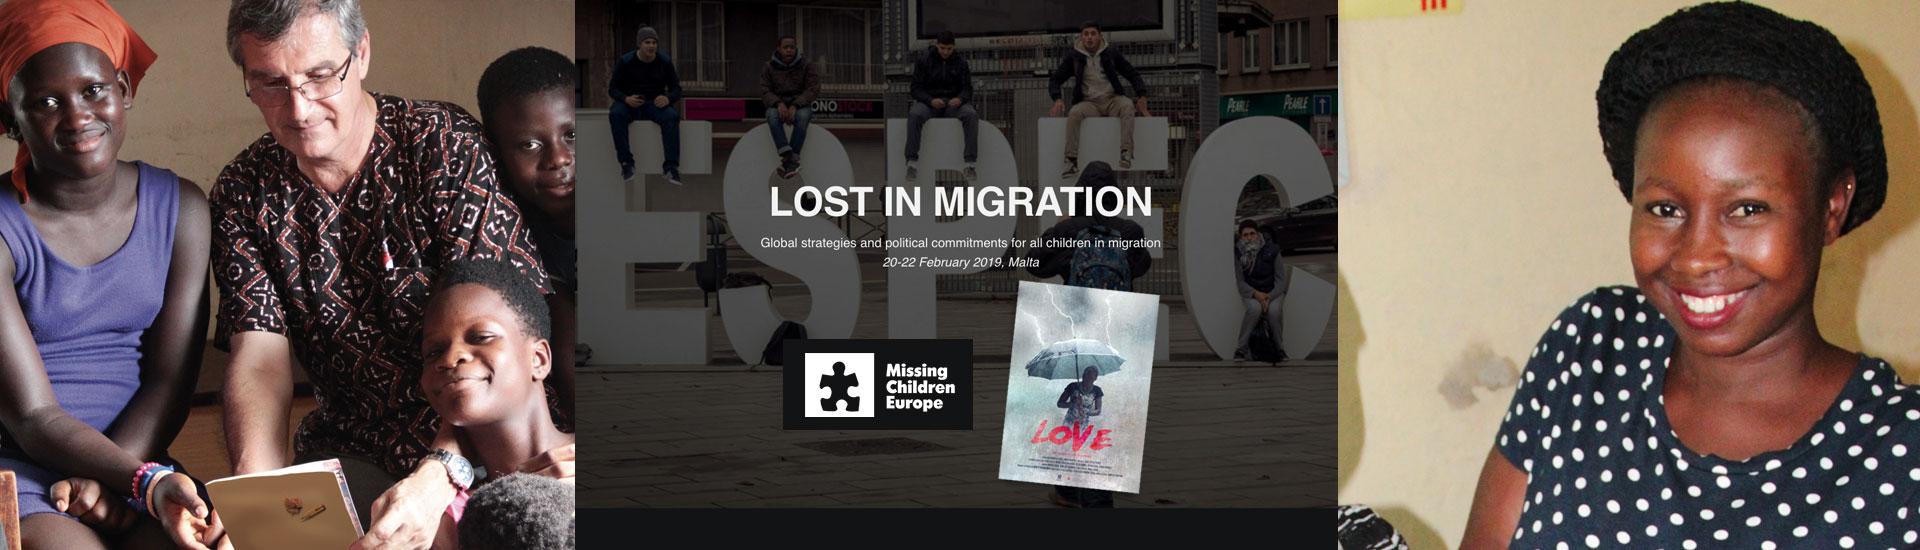 'Love' en el congreso 'Lost in Migration' en Malta